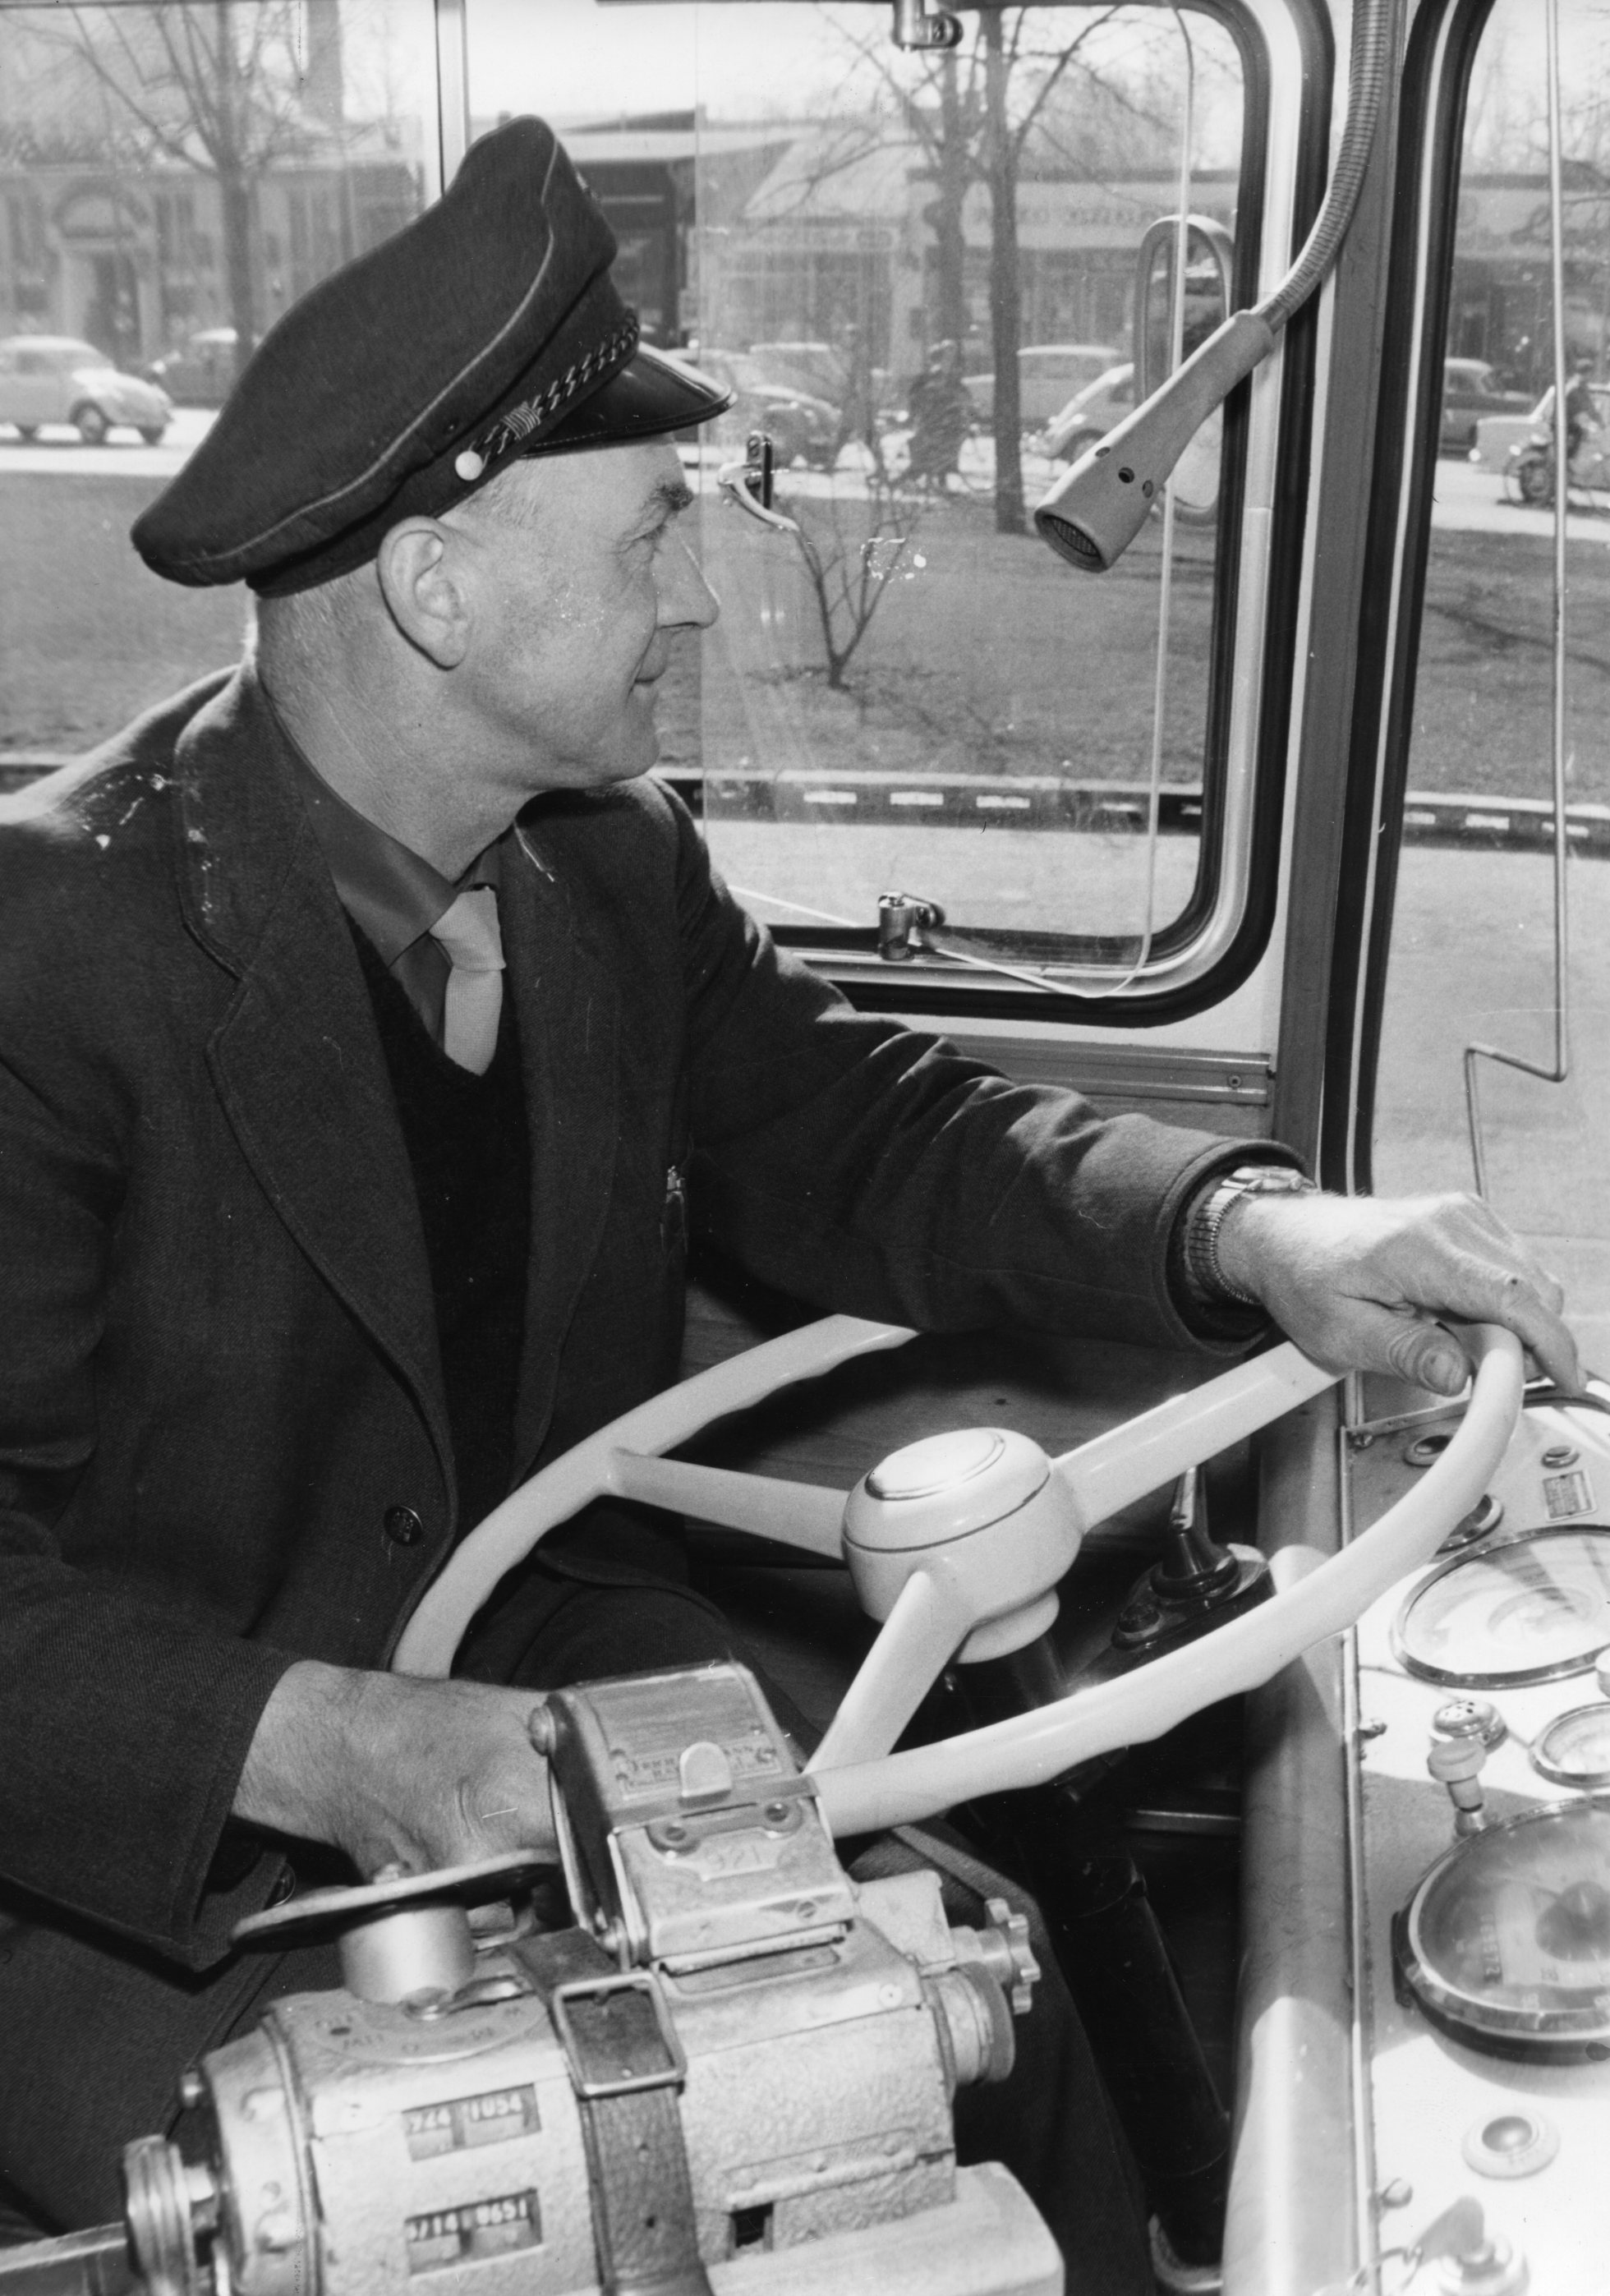 Ein Busfahrer an seinem Arbeitsplatz, 1965